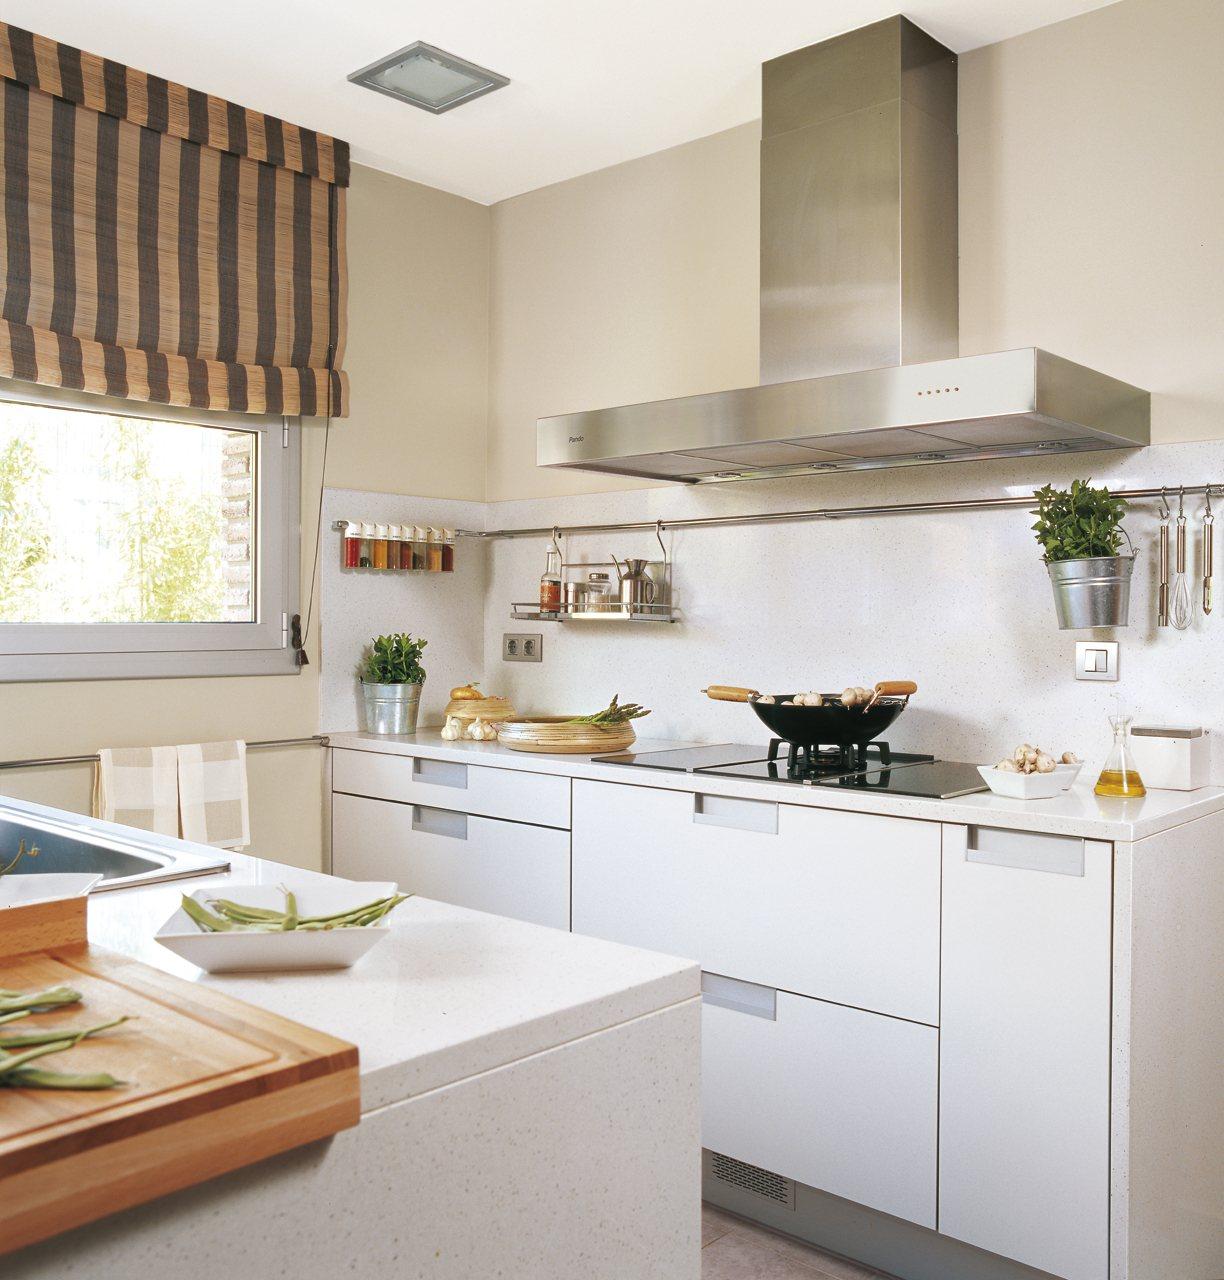 Renovar la cocina sin obras - Reformar la cocina sin obras ...